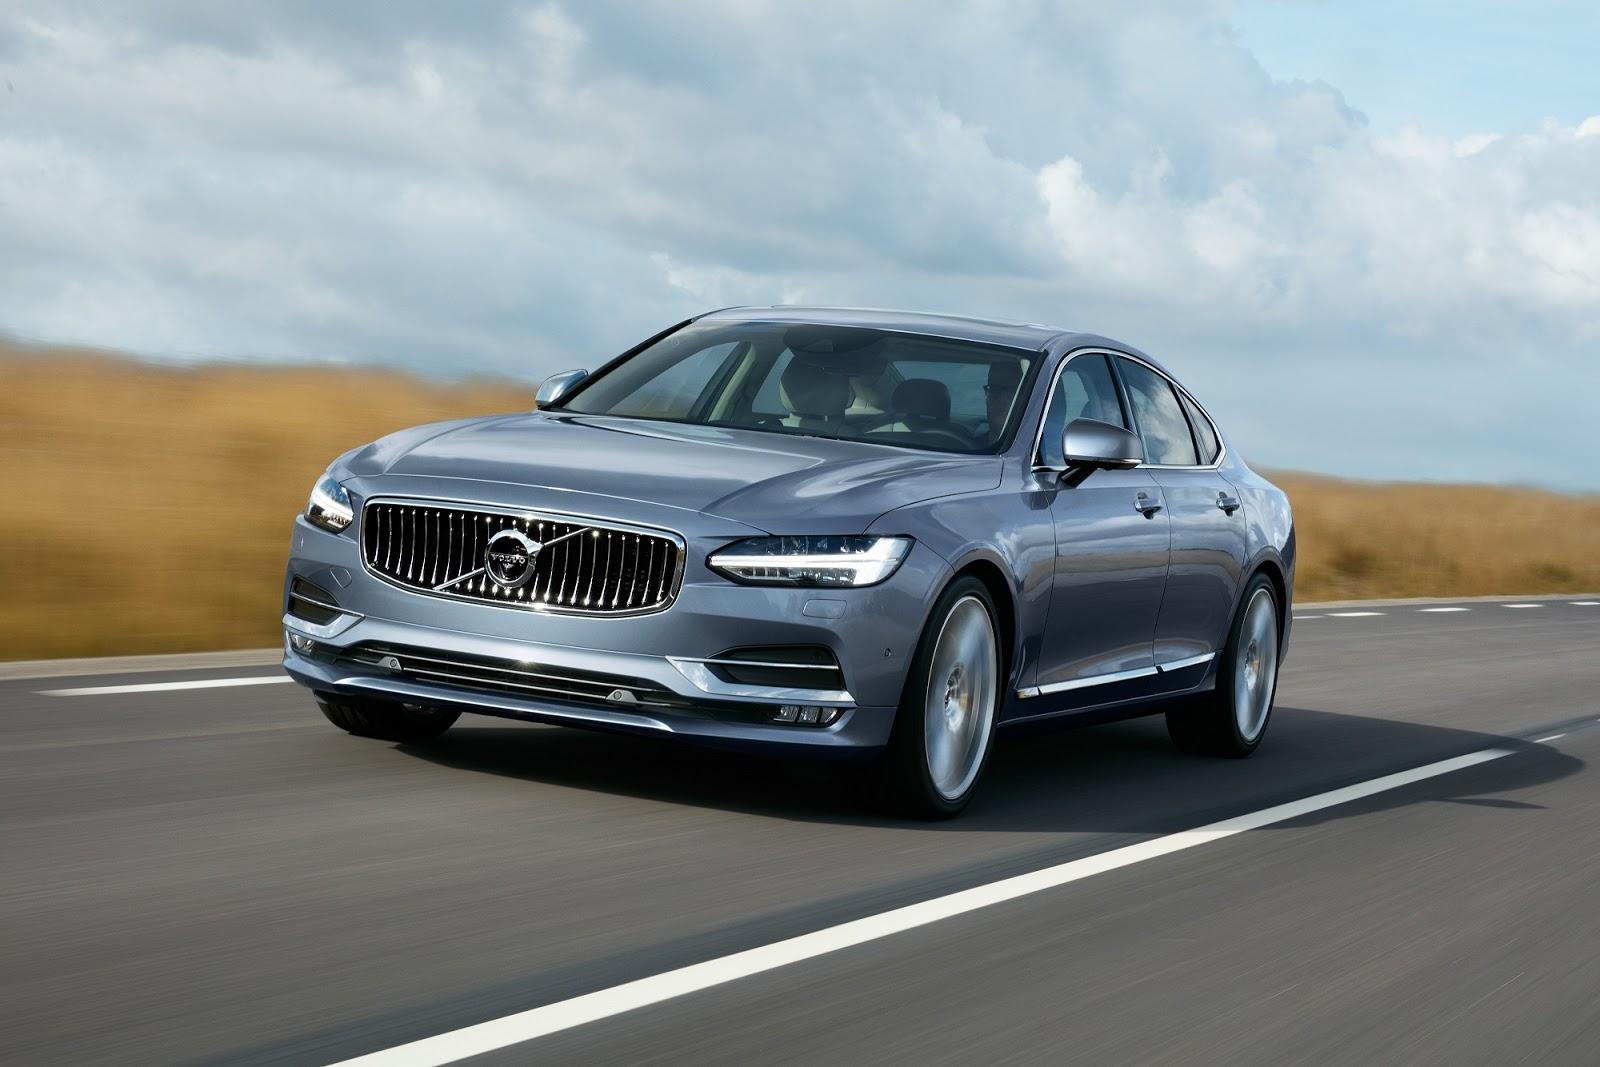 Πανελλήνια πρεμιέρα για το νέο Volvo V90 στην «Αυτοκίνηση 2016»